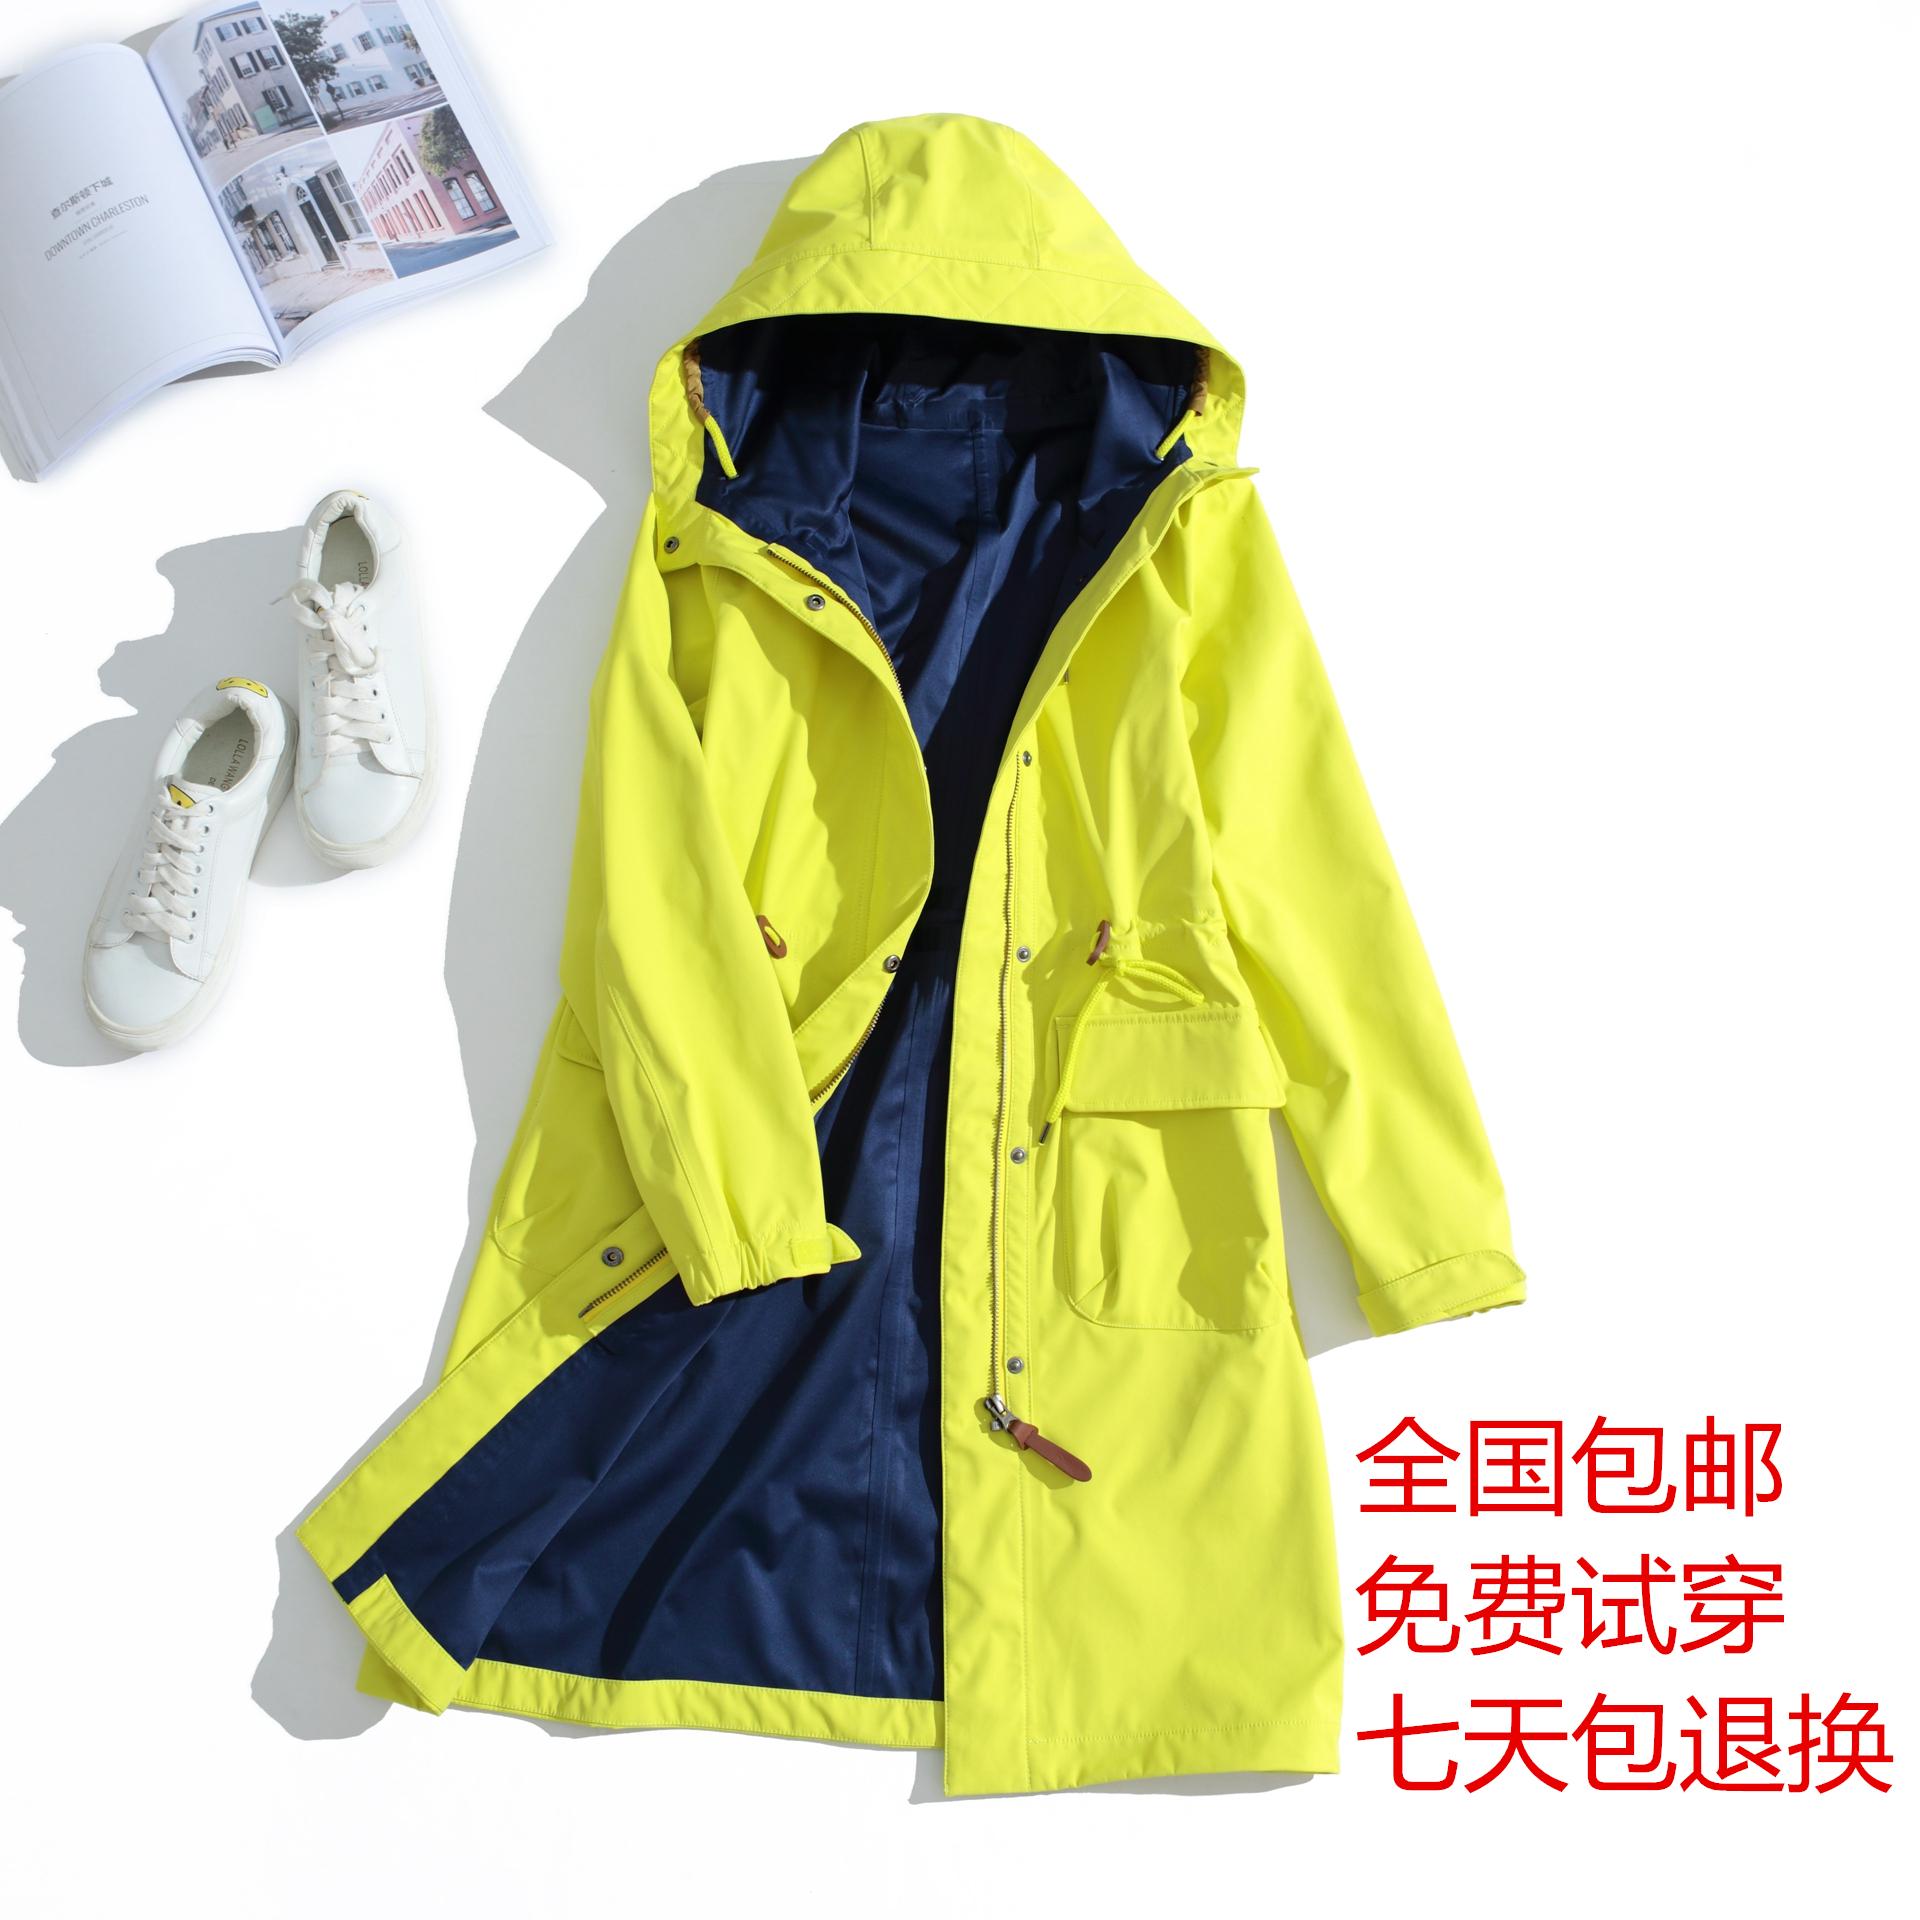 户外西藏韩版单层三合一防风防雨中长款冲锋衣防晒糖利色外套女